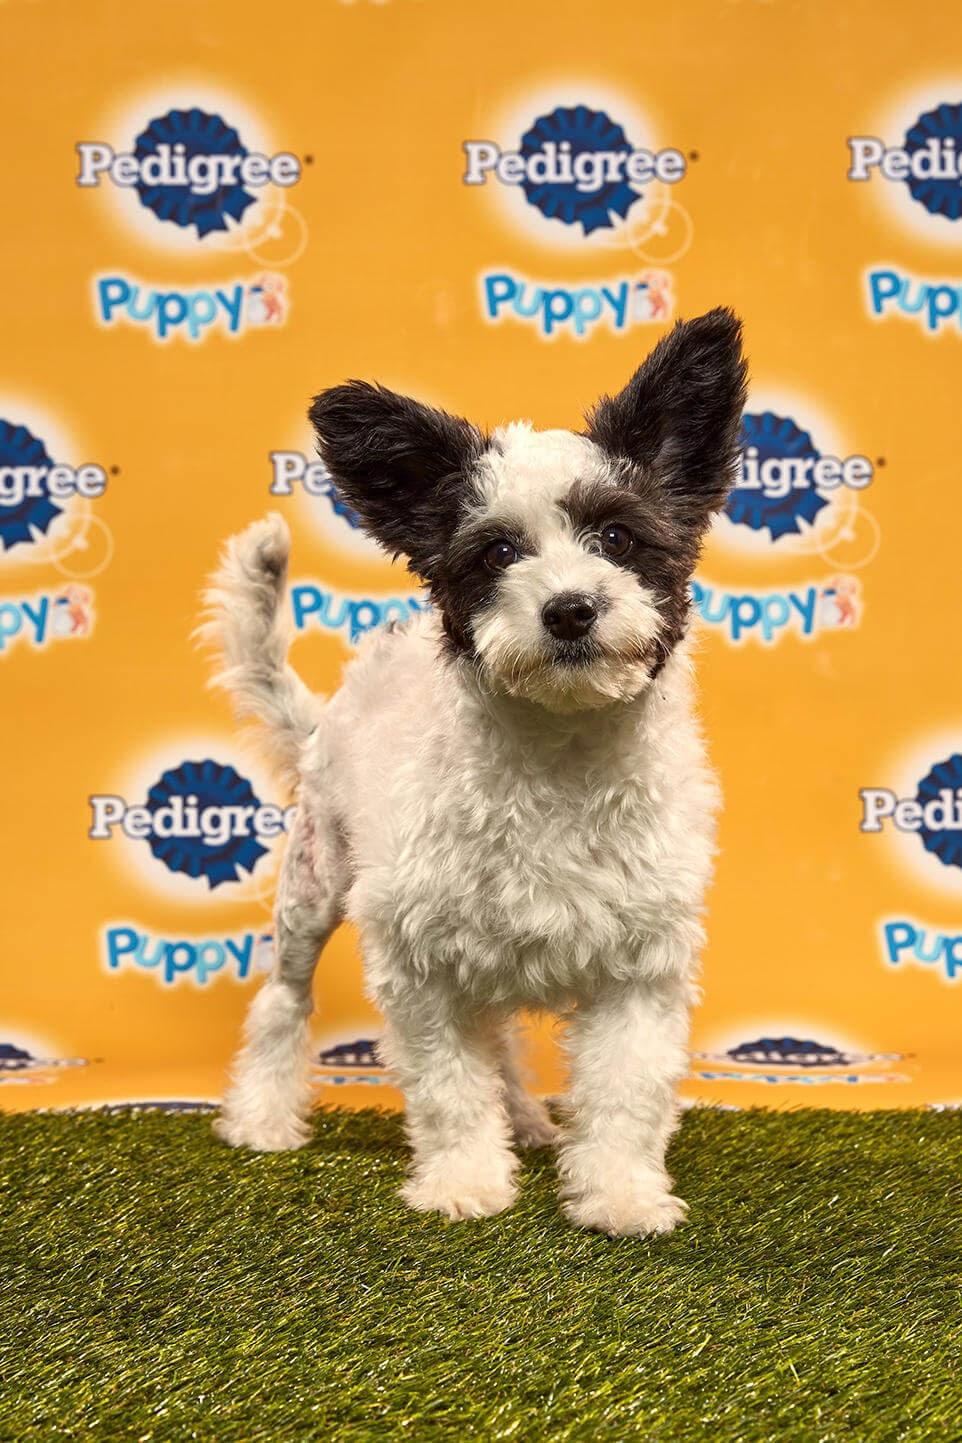 Poppy Dog - Animal Planet